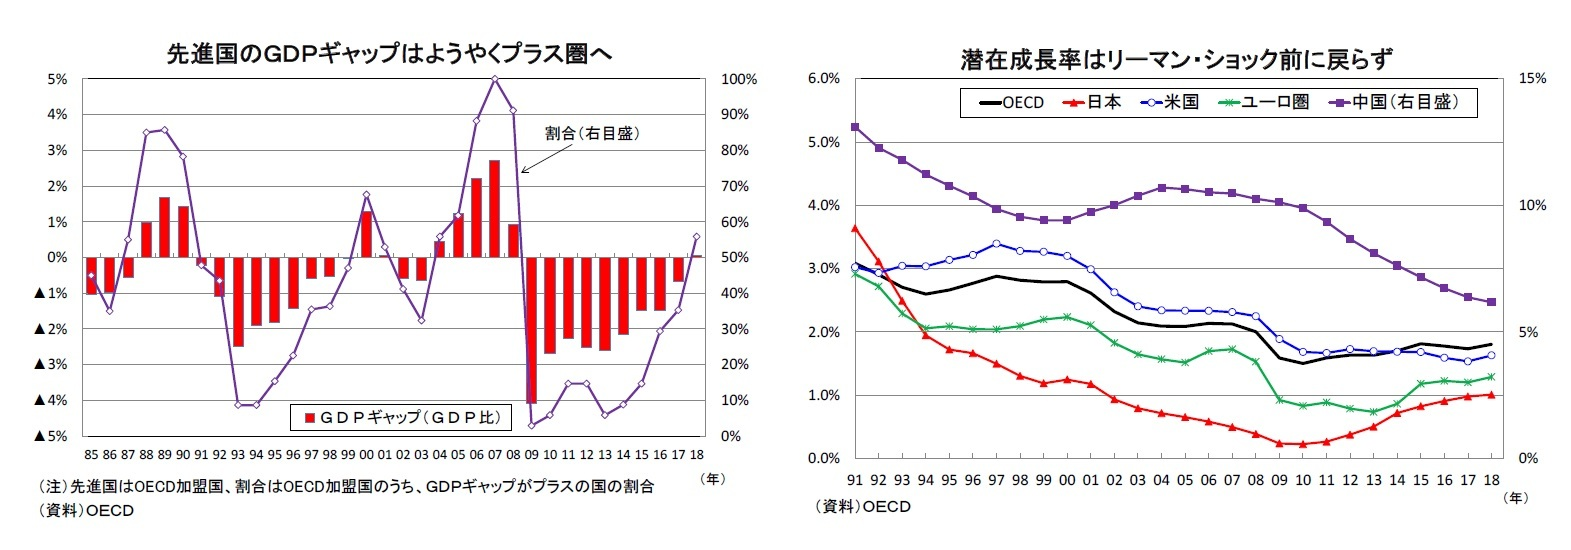 先進国のGDPギャップはようやくプラス圏へ/潜在成長率はリーマン・ショック前に戻らず